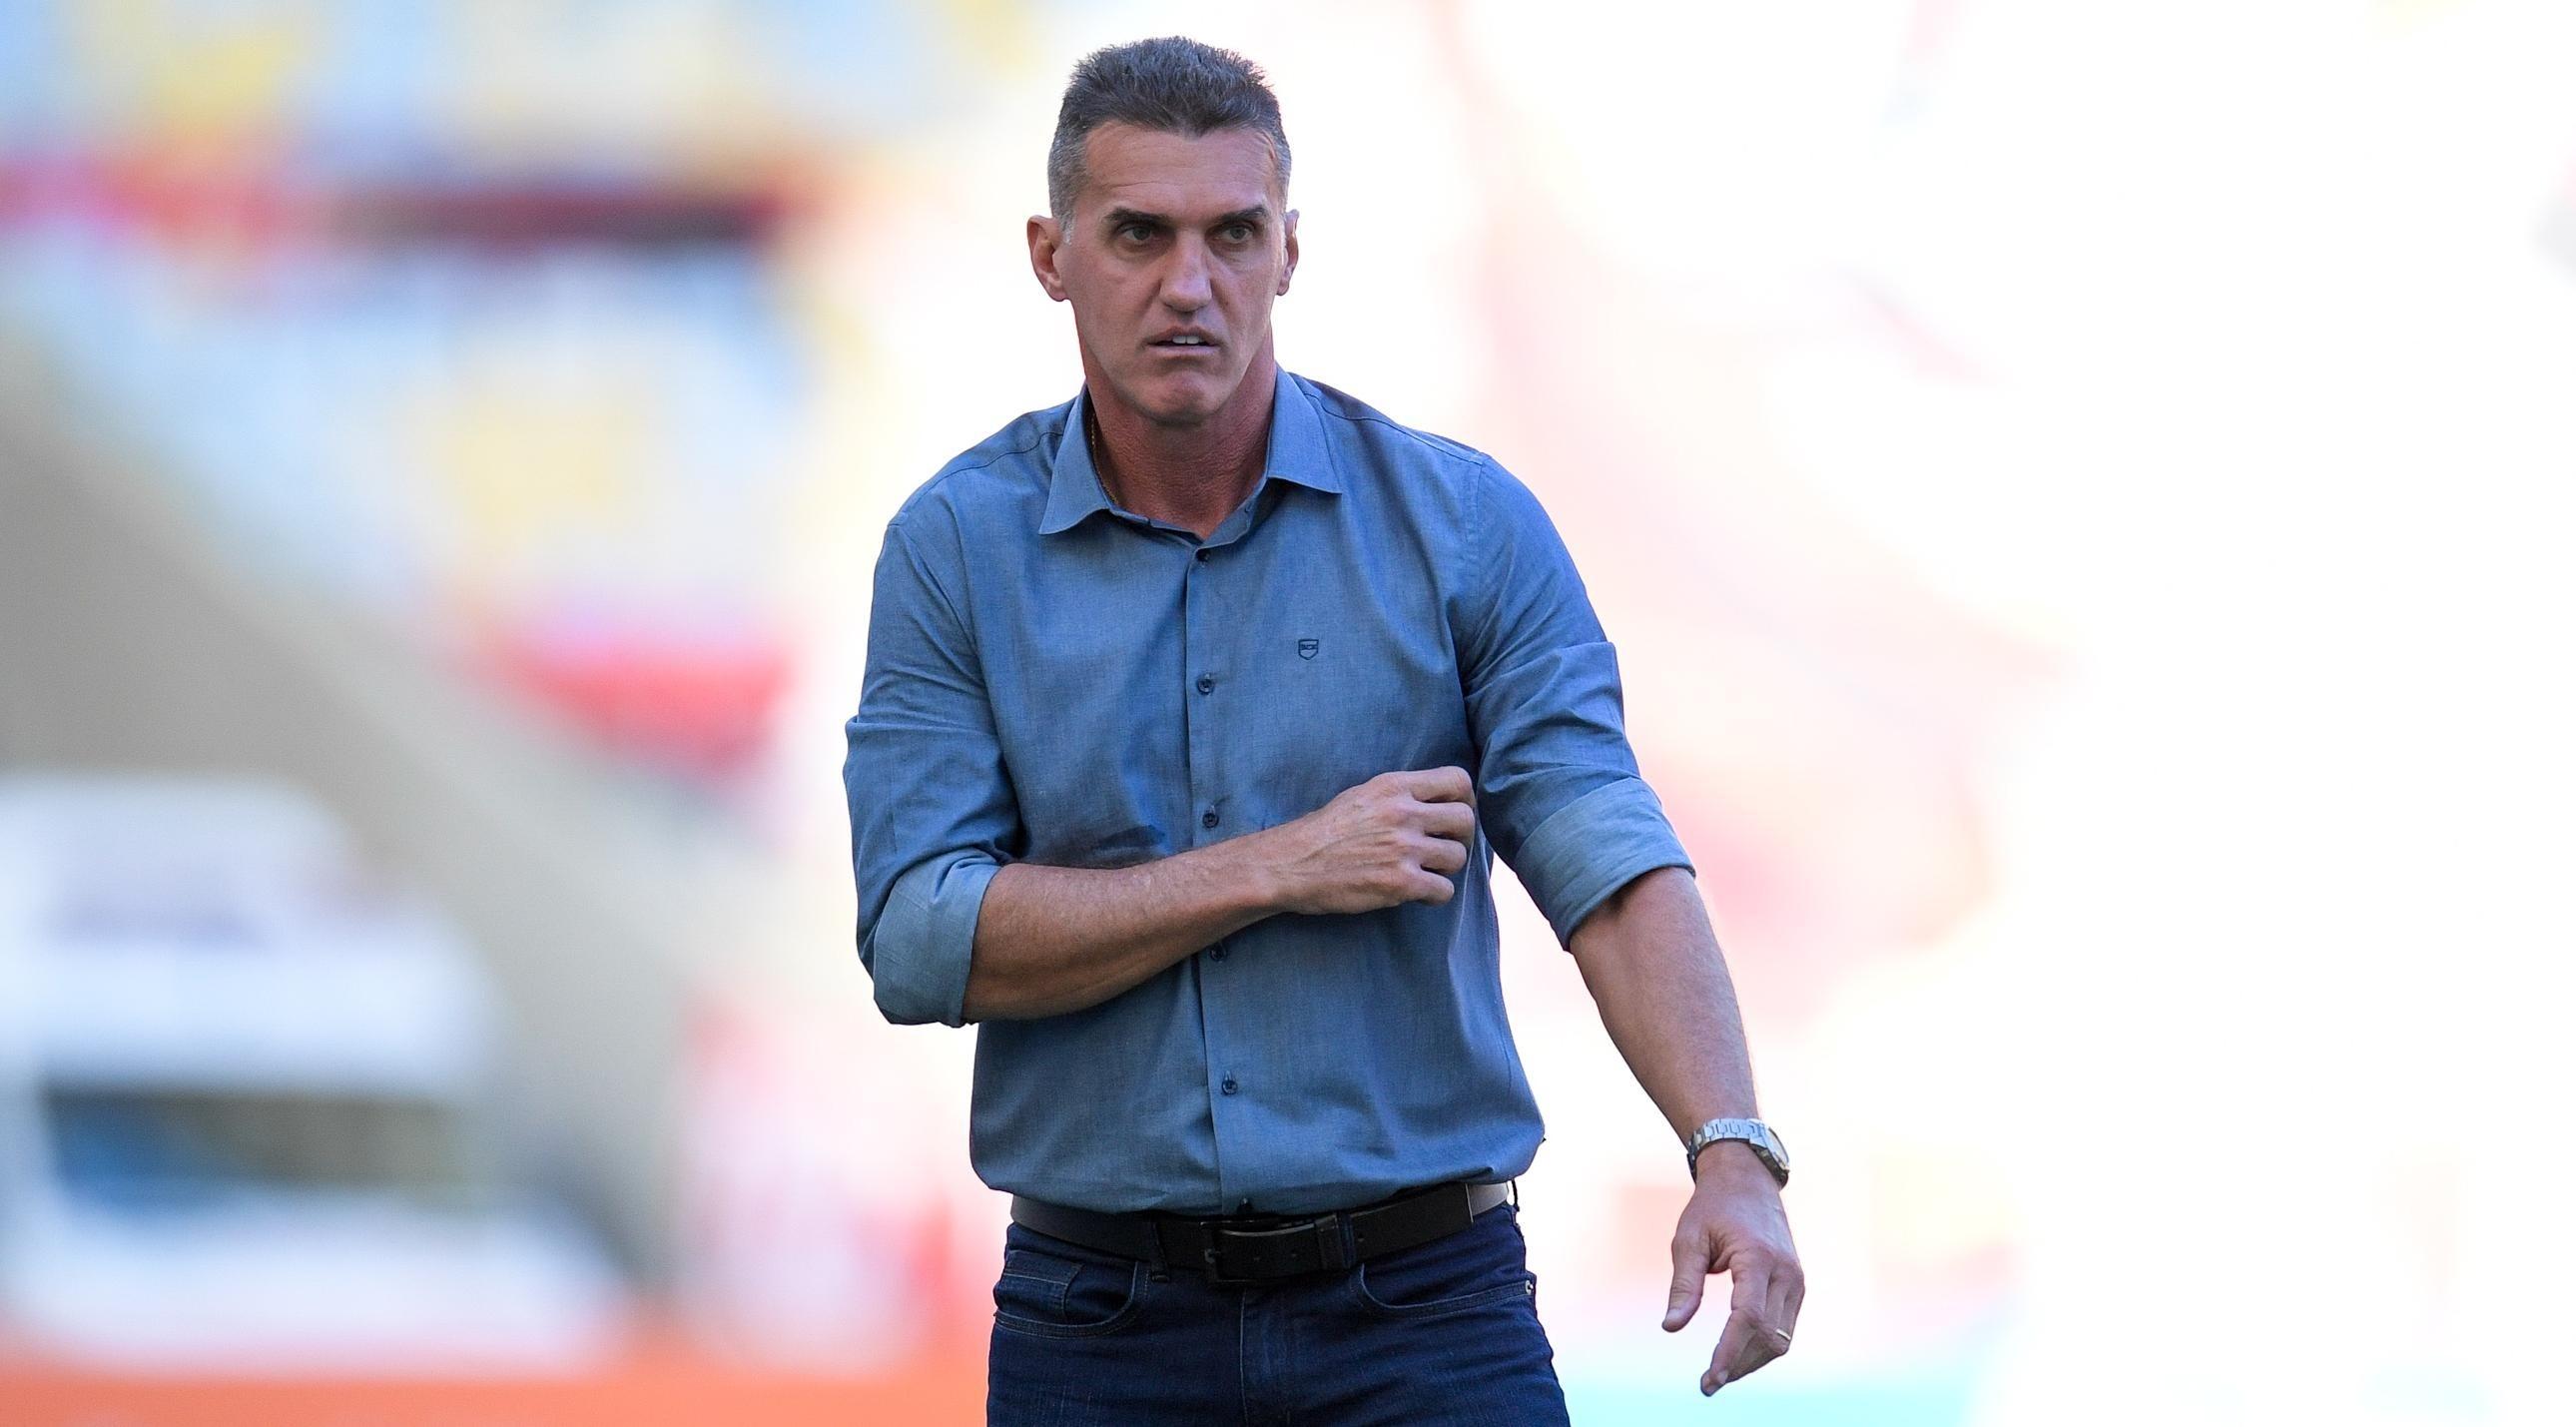 Mancini descartou 'tirar o pé' para prejudicar o rival - Foto: Fernando Soutello/AGIF.